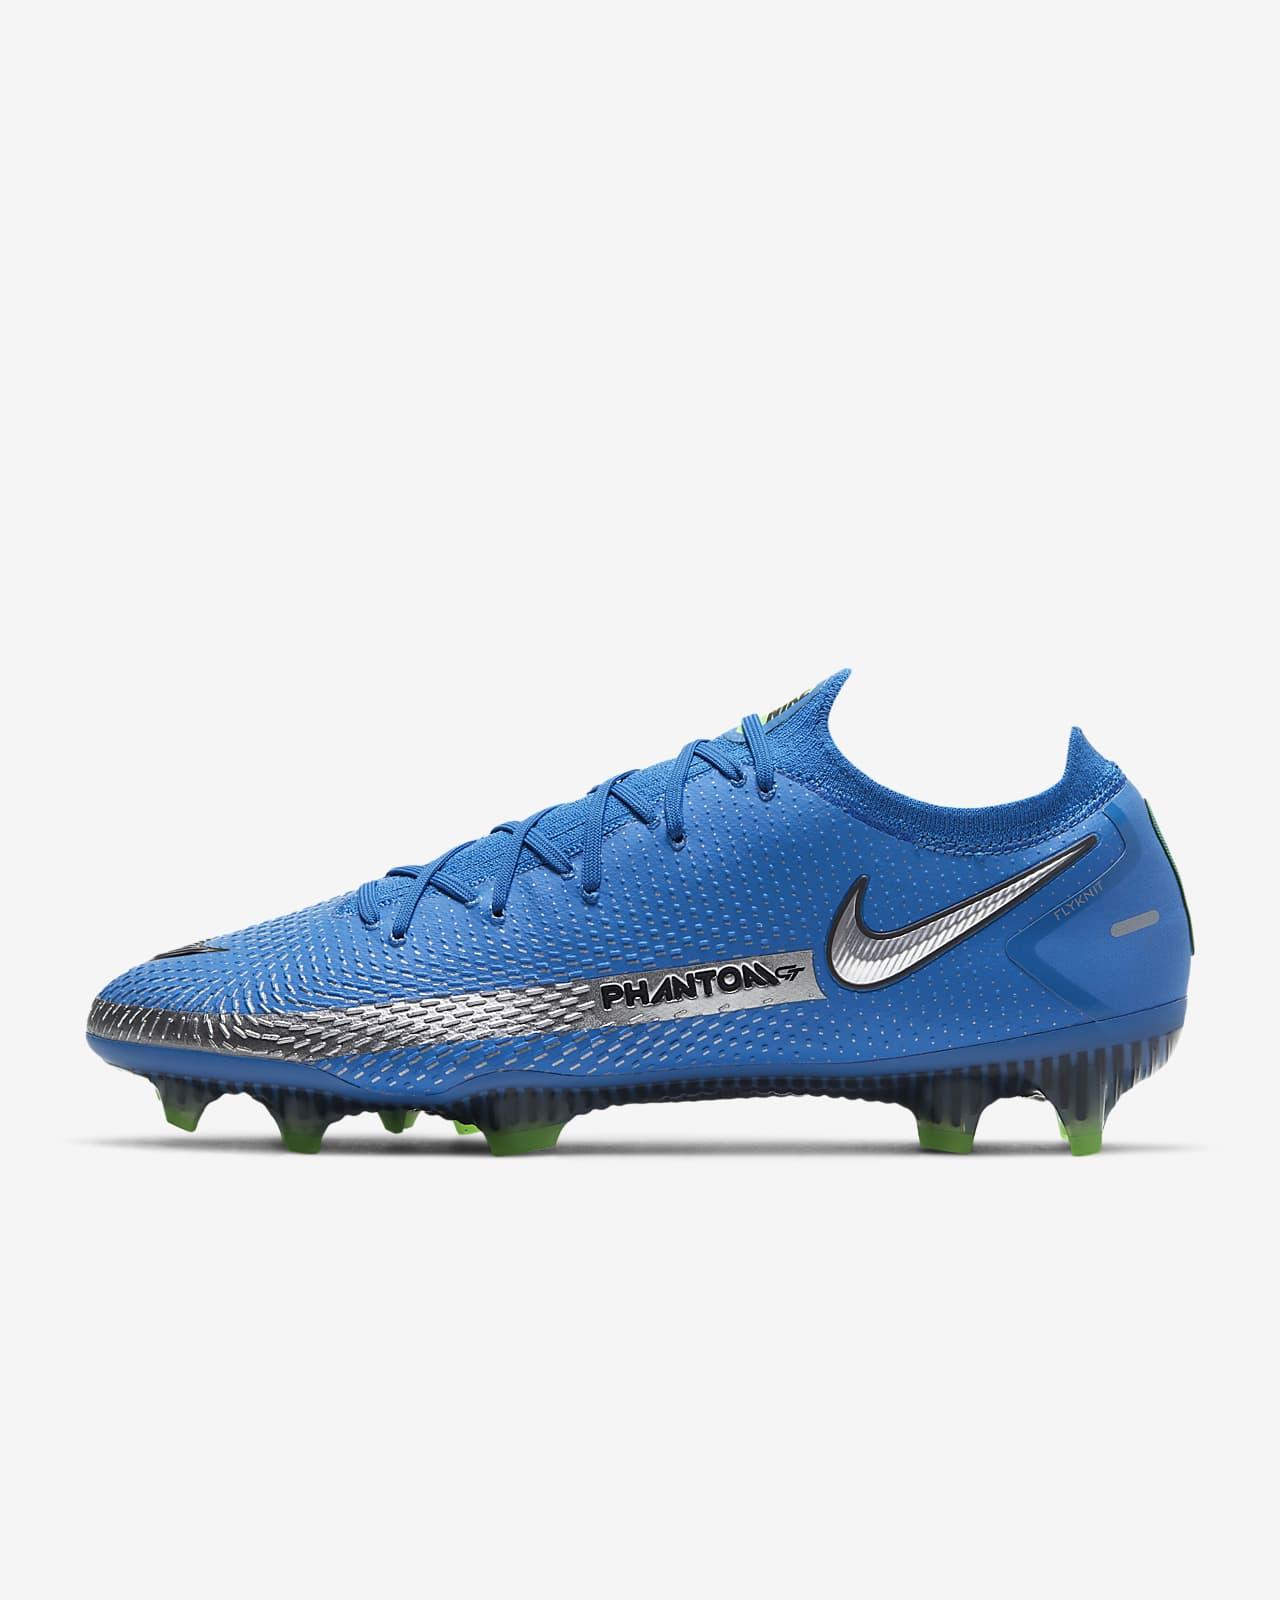 Nike Phantom GT Elite FG-fodboldstøvle til græs